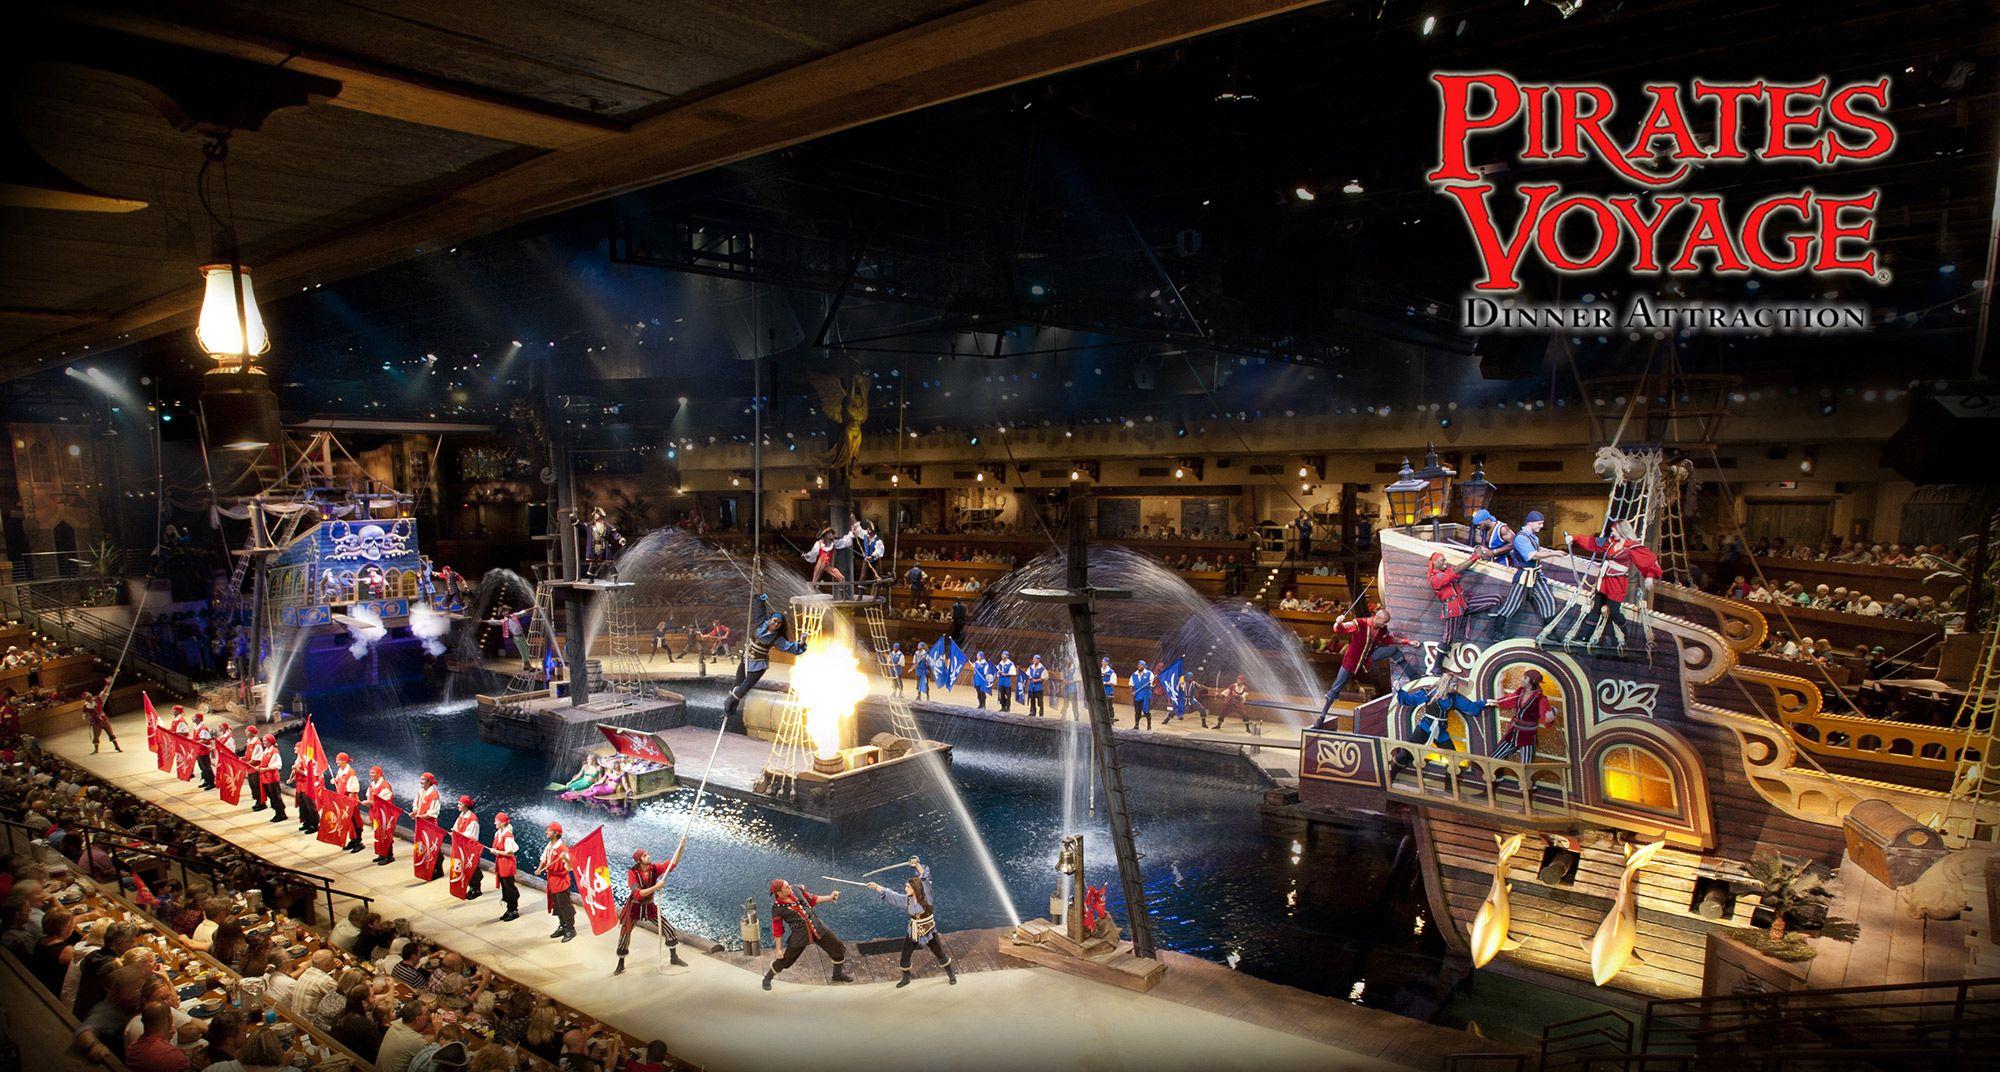 Pirates Voyage, Dinner Show in Myrtle Beach, SC   Voyage ...